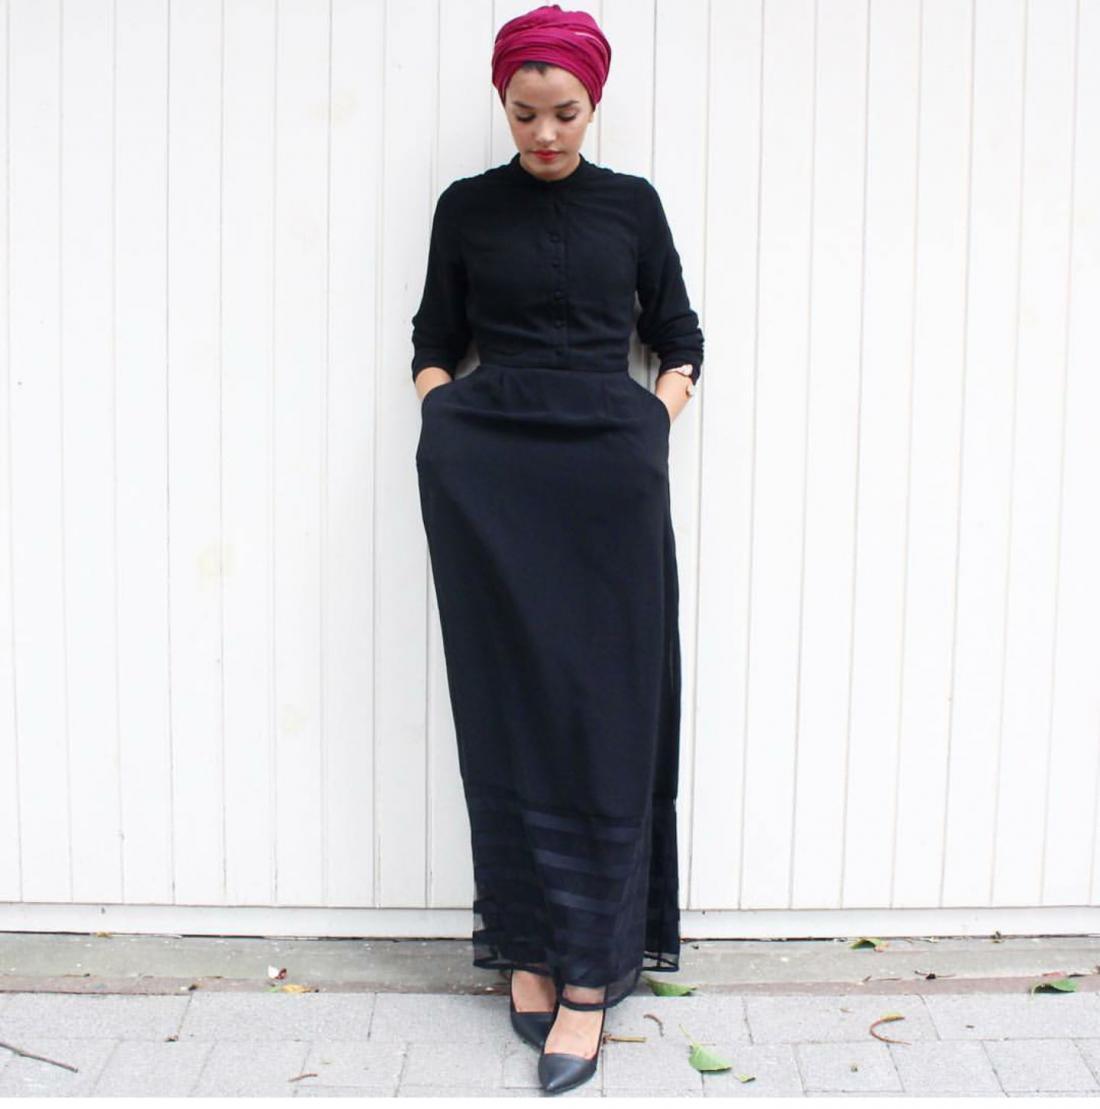 صورة ملابس سوداء للمحجبات 12336 5